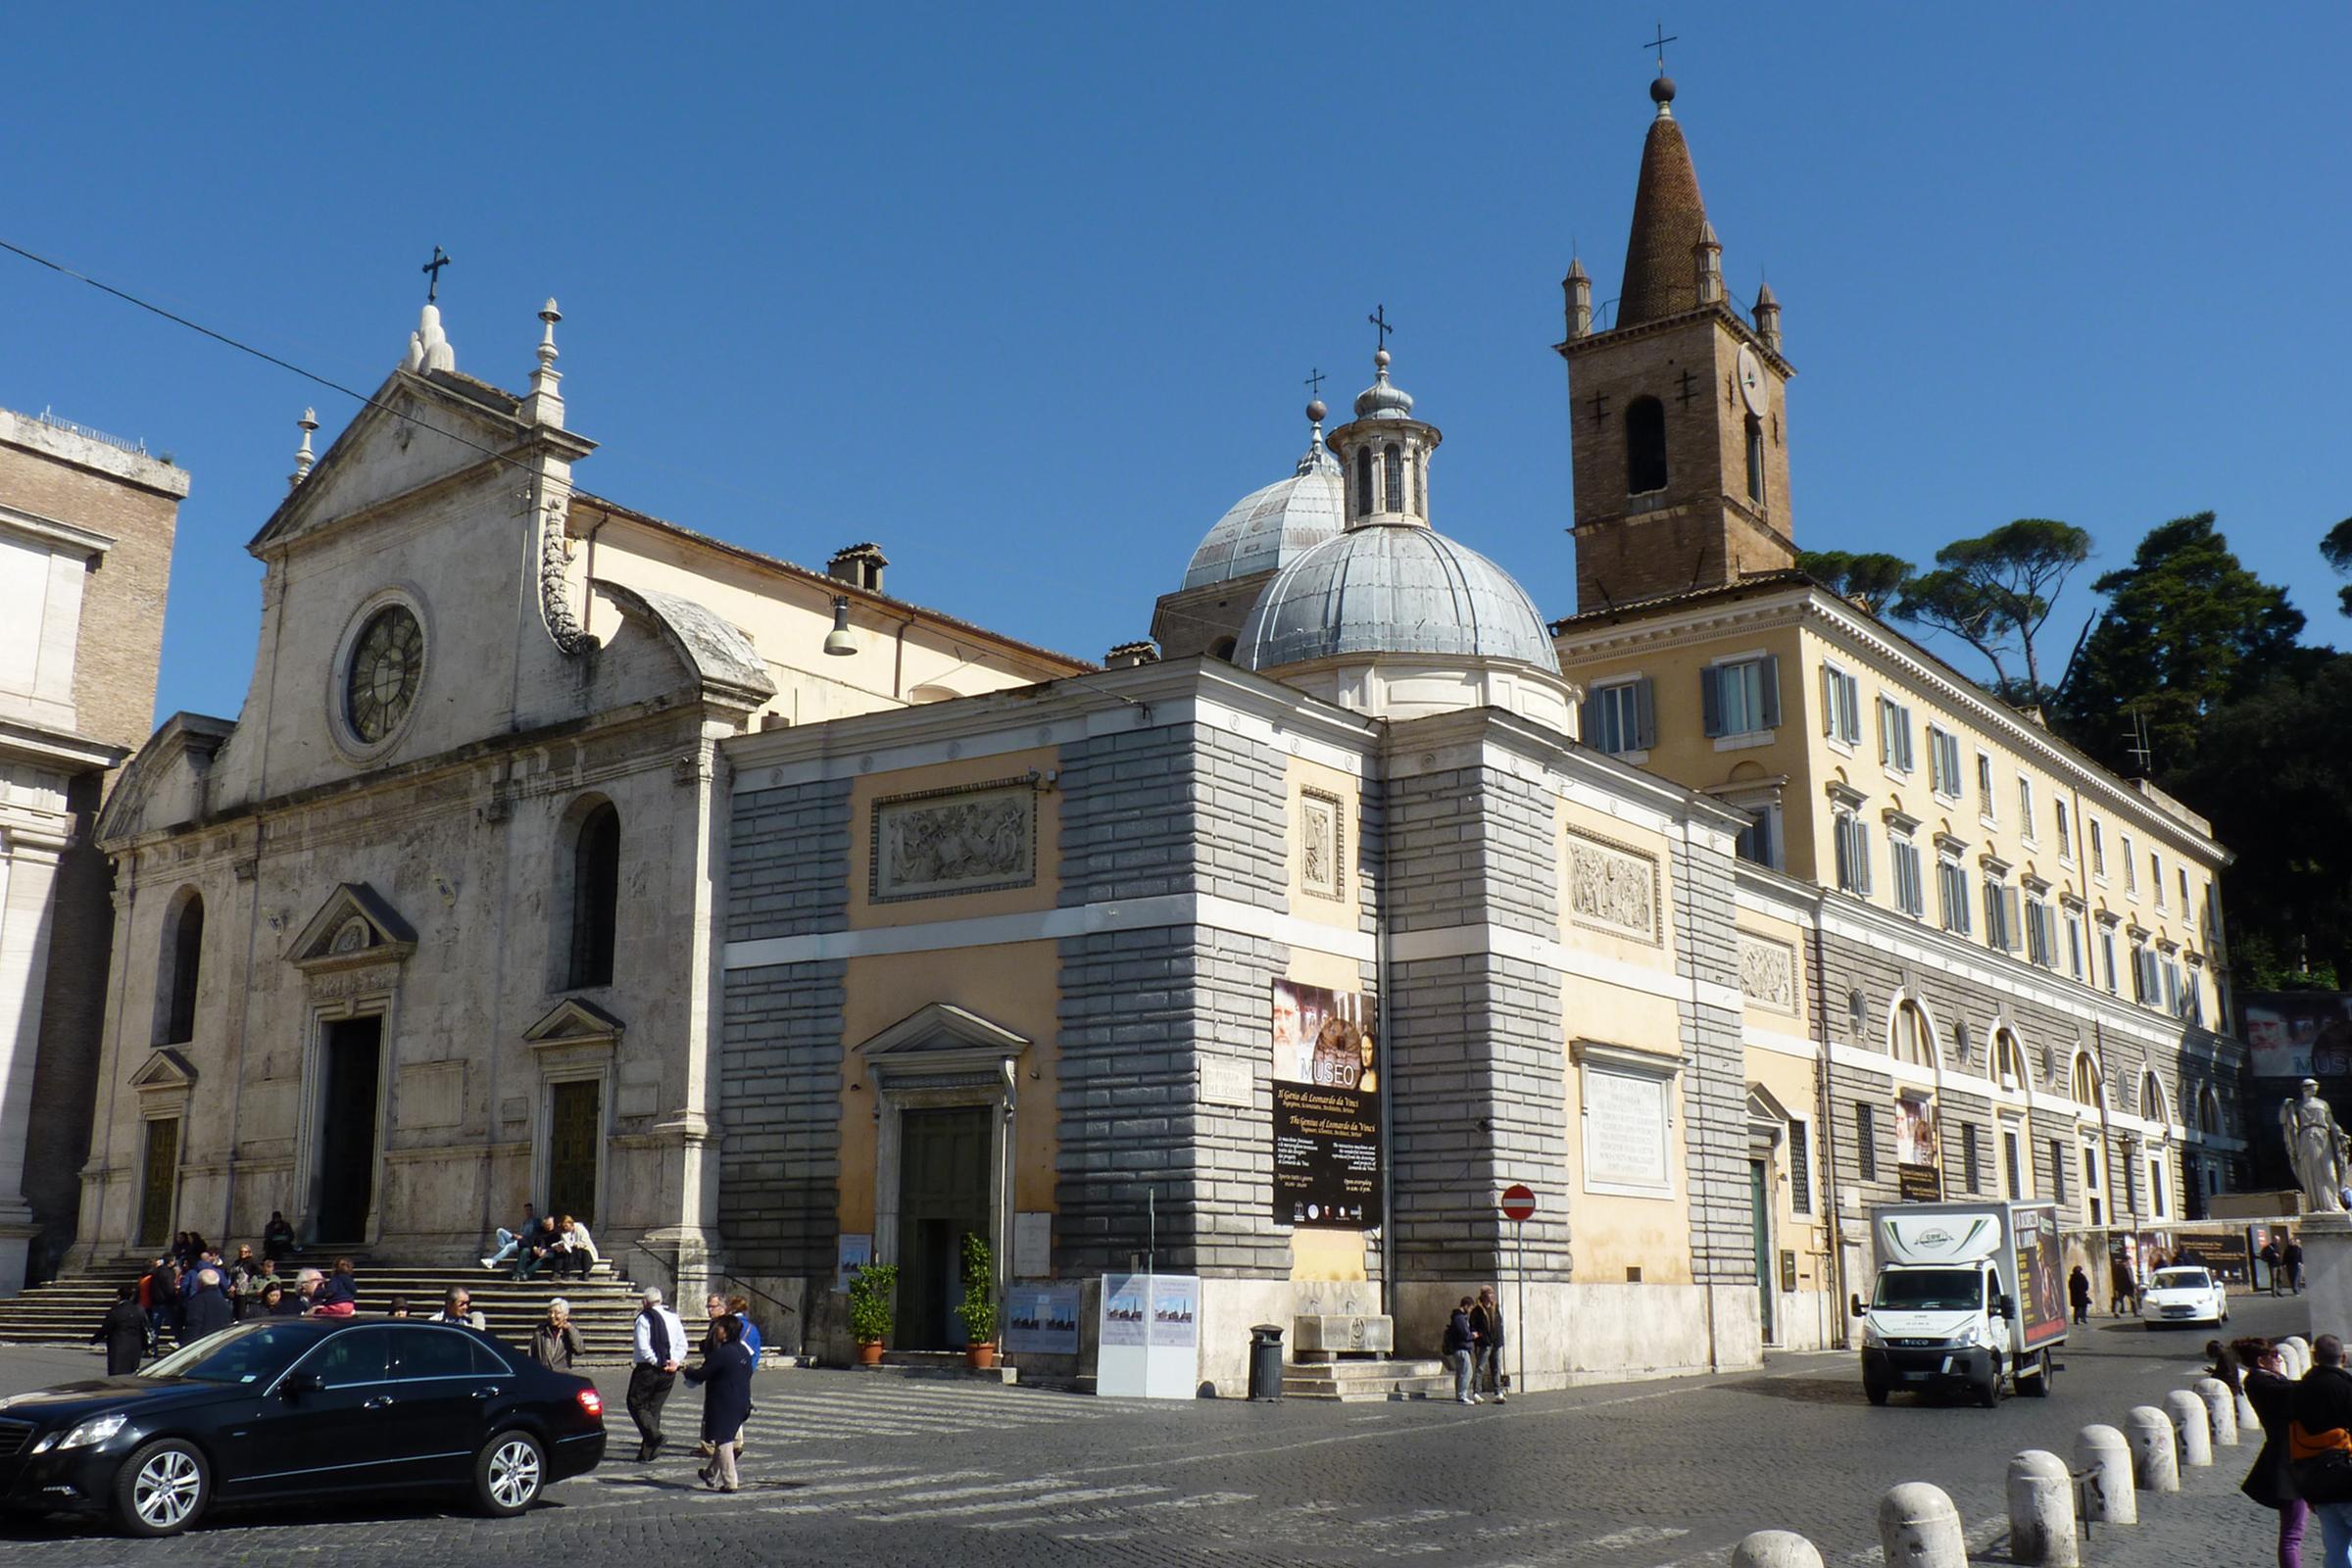 web-santa-maria-del-popolo-damian-entwistle-flickr-cc